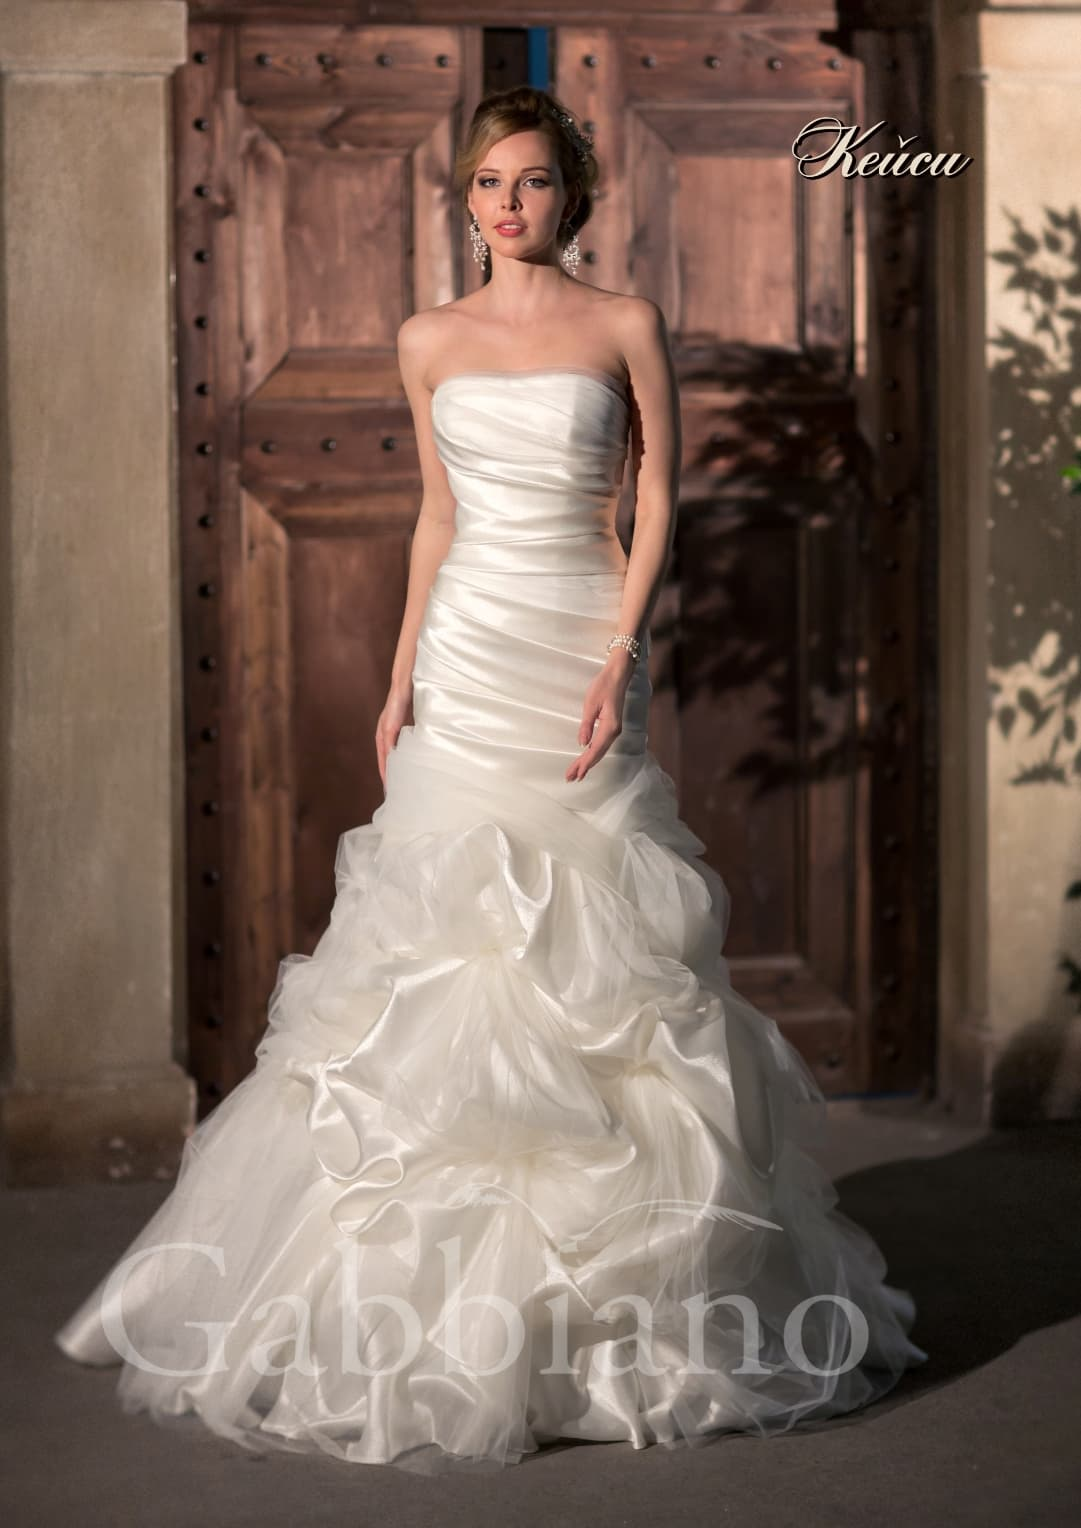 Strekoza Альфа | Свадебный салон Валенсия | Search Results